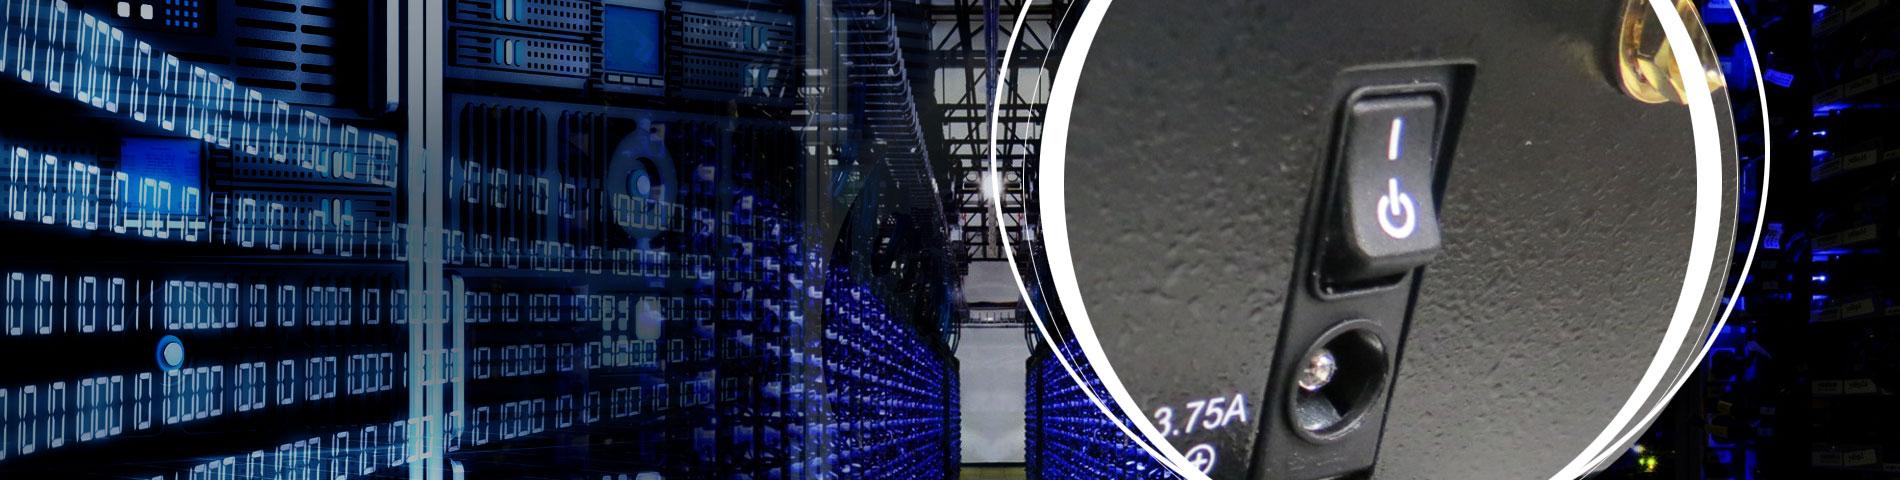 Industria delle periferiche per computer - Applicabile alle apparecchiature Netcom